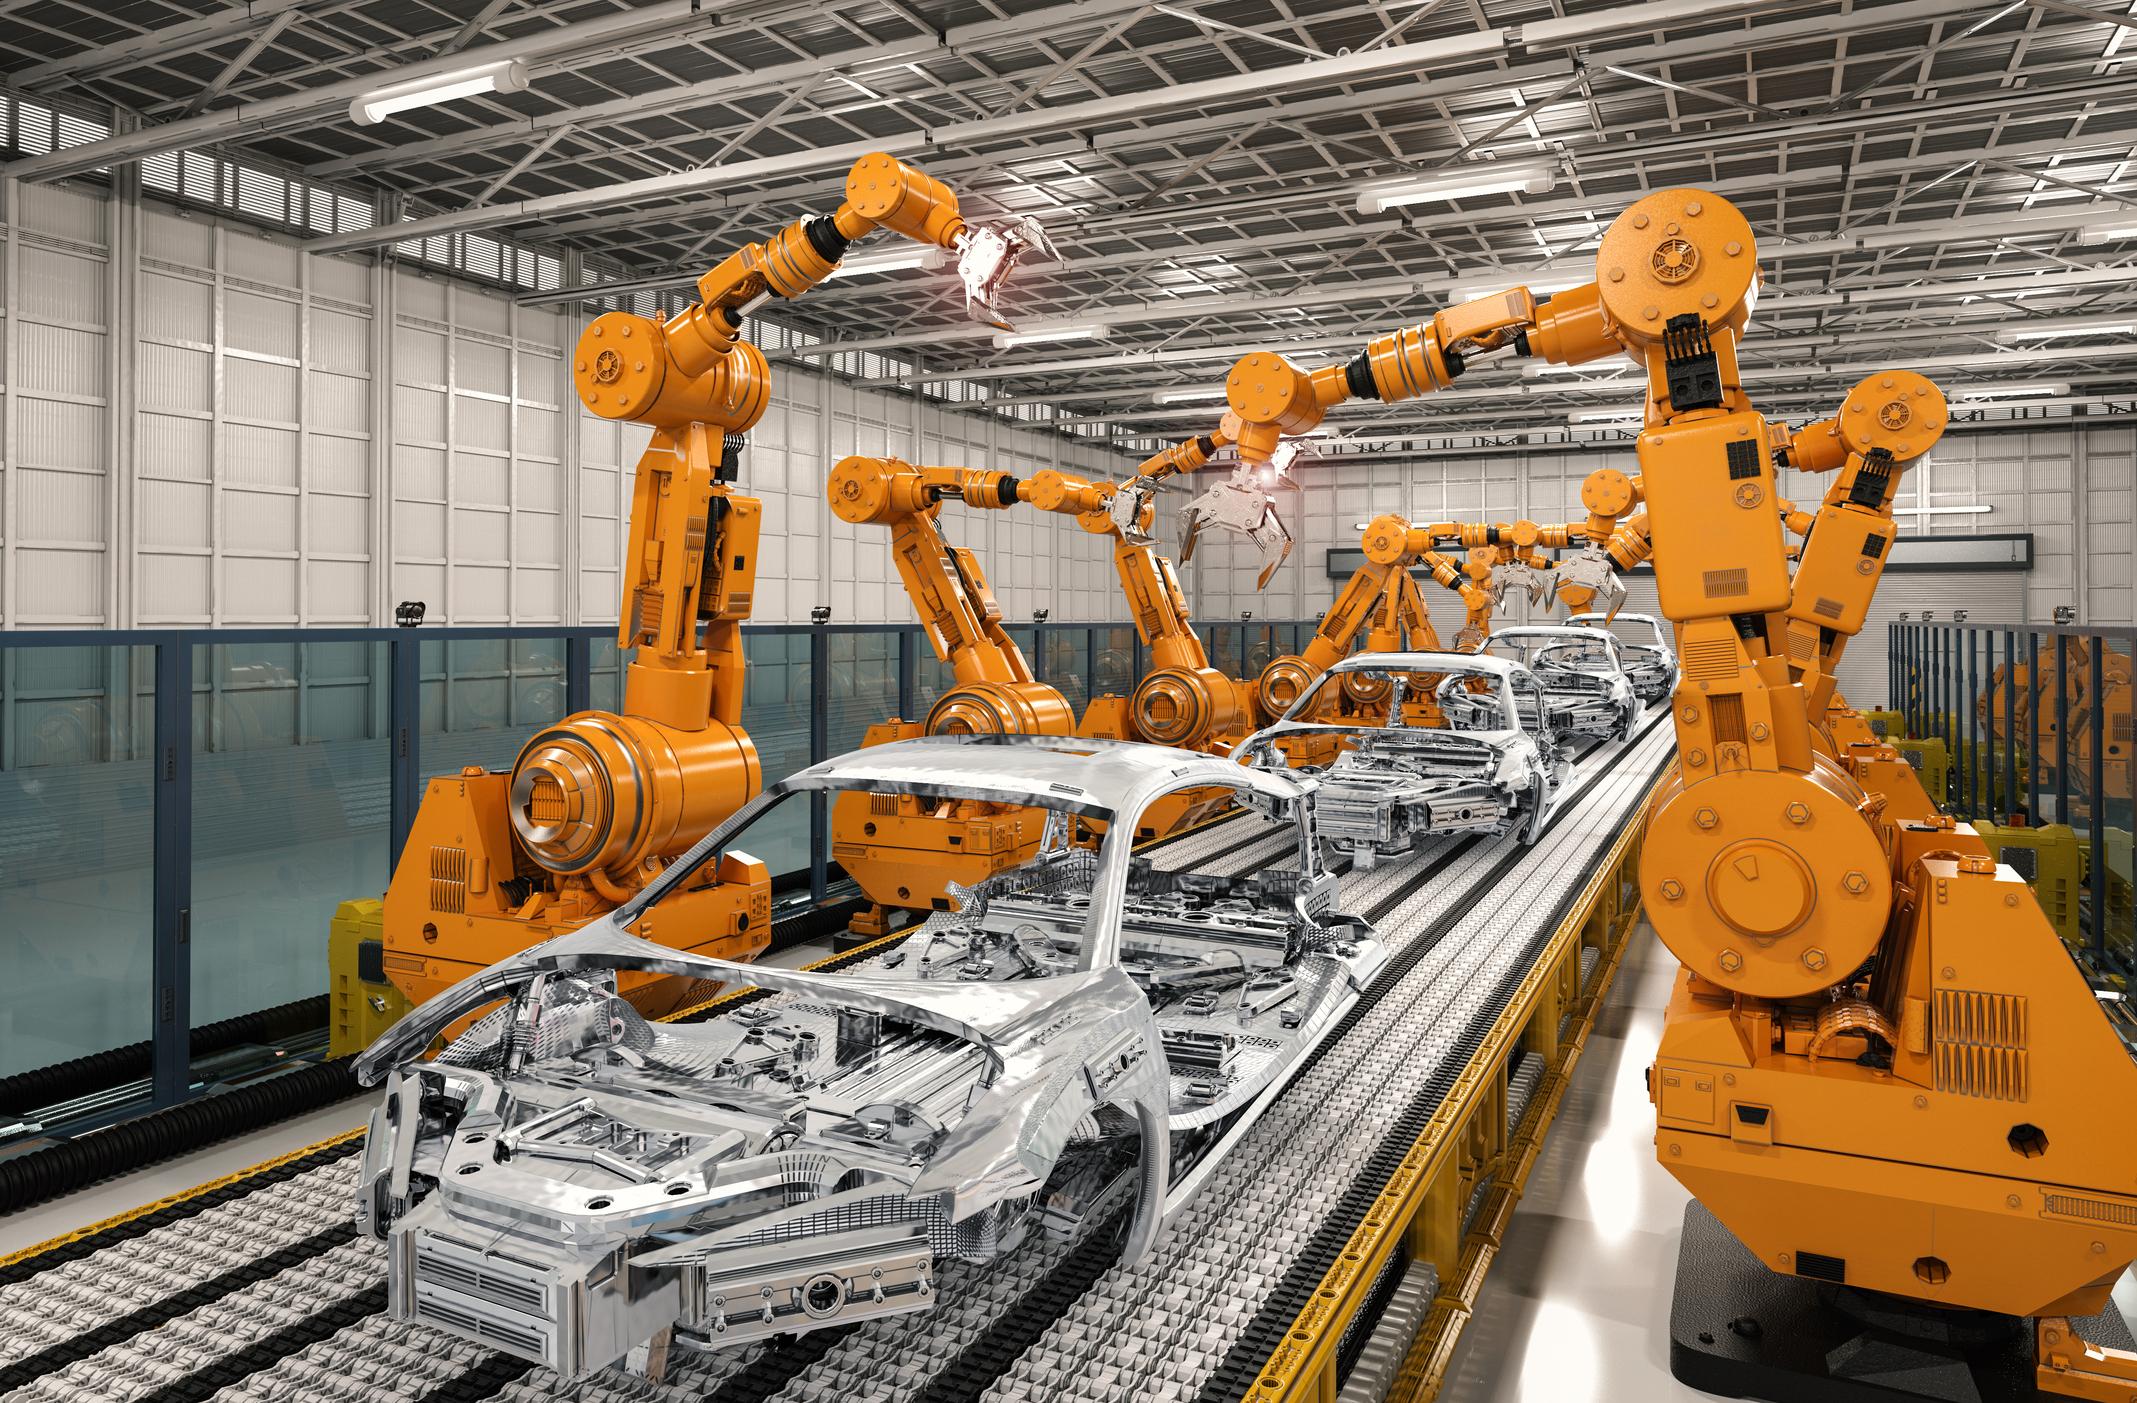 3 Robotics Stocks to Consider Buying in 2018